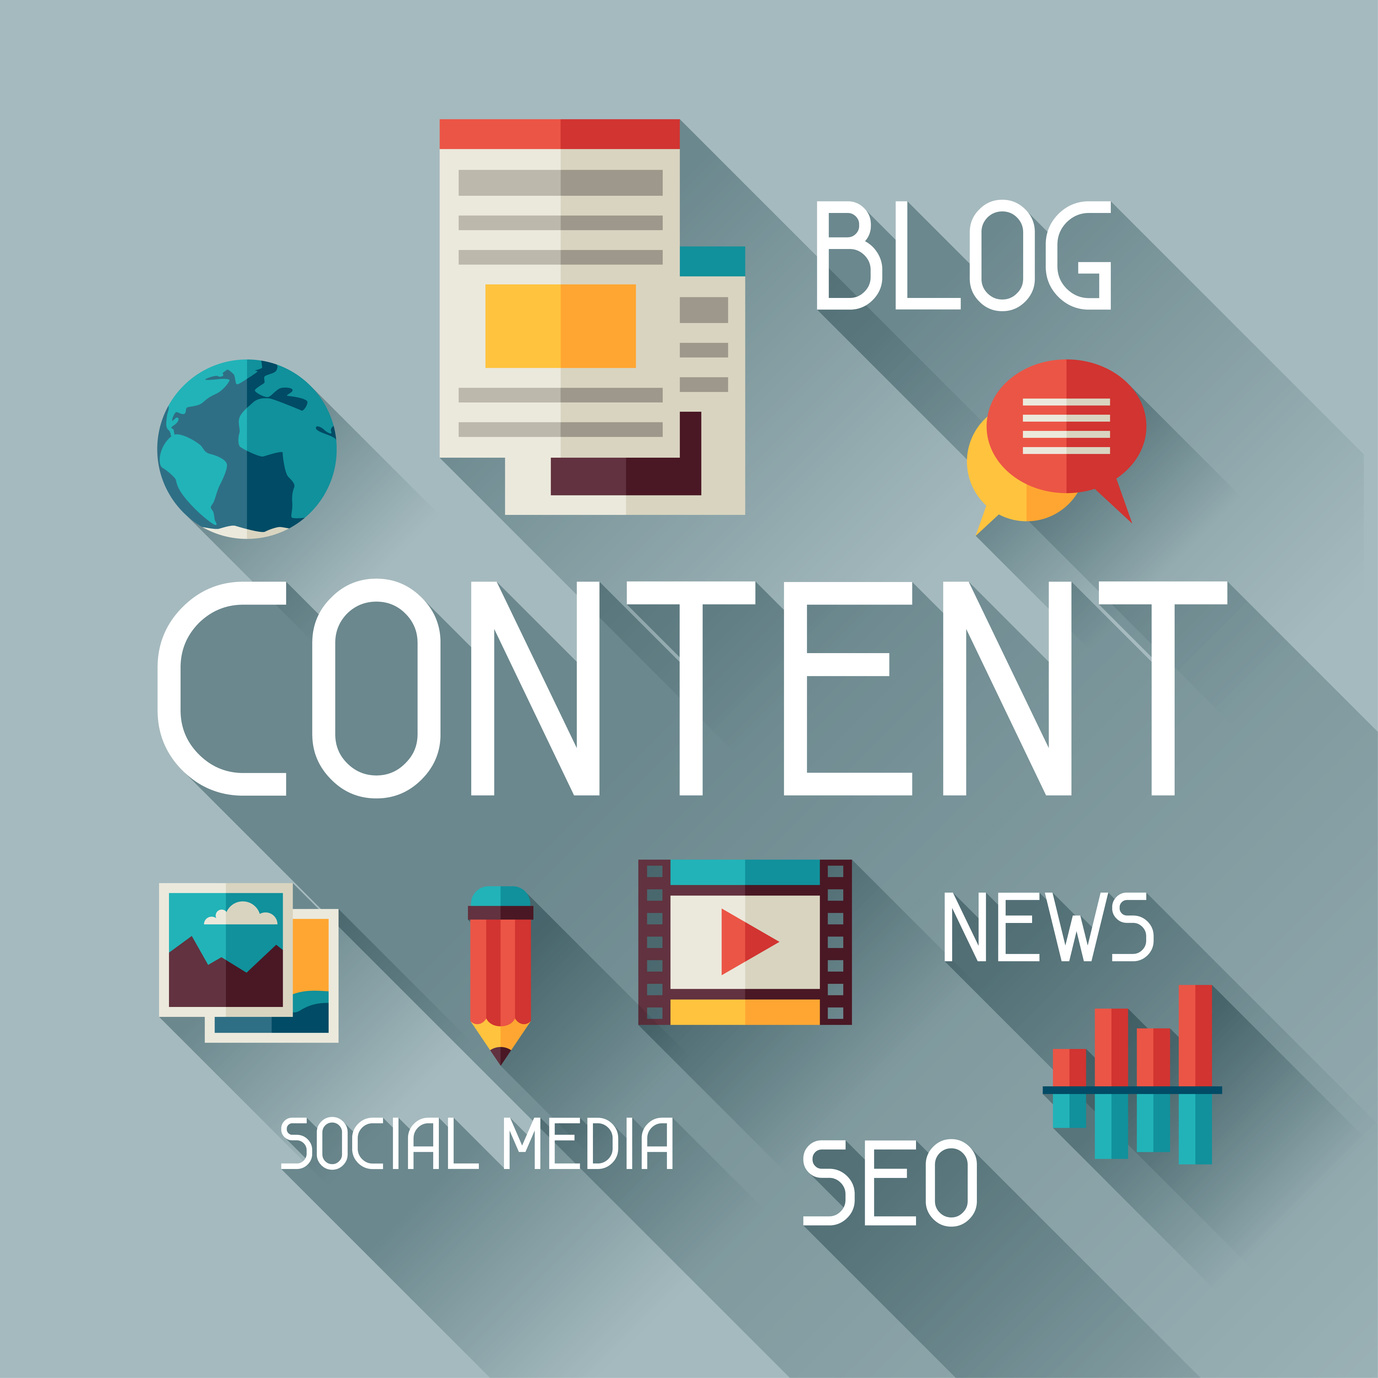 Pour intéresser le client, priorité au contenu